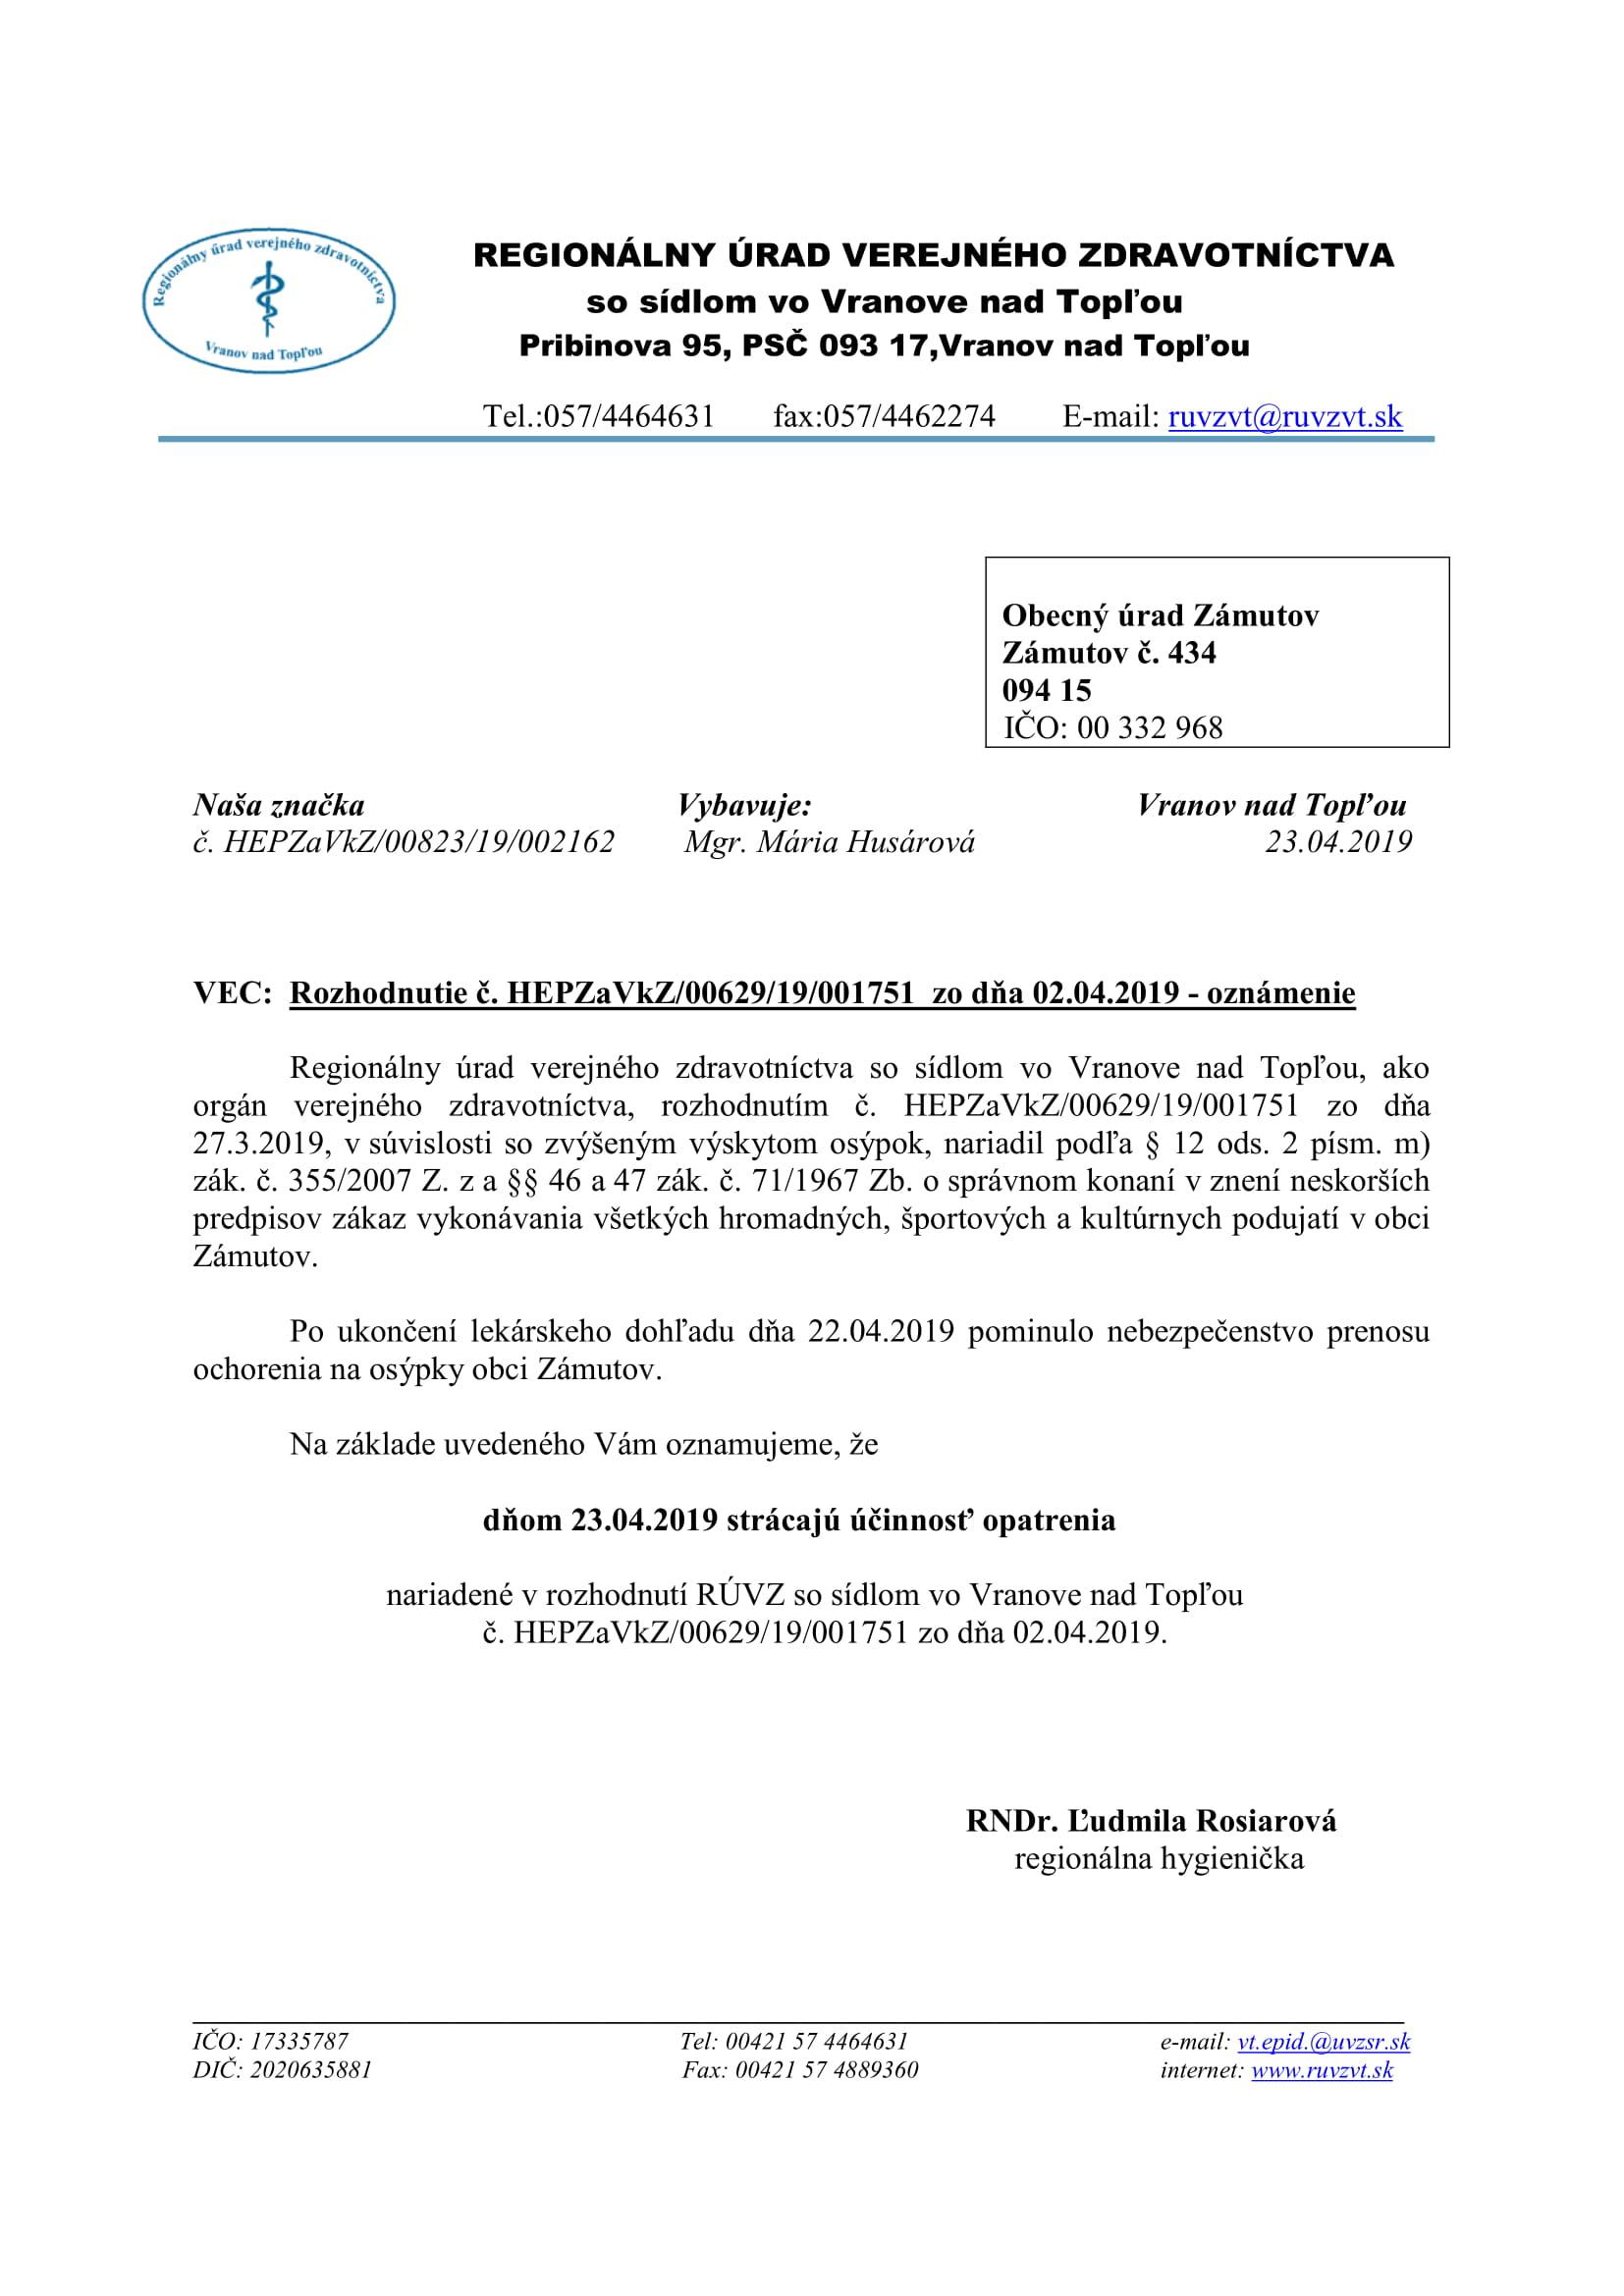 Rozhodnutie o ukončení zákazu vykonávania hromadných podujatí v obci Zámutov